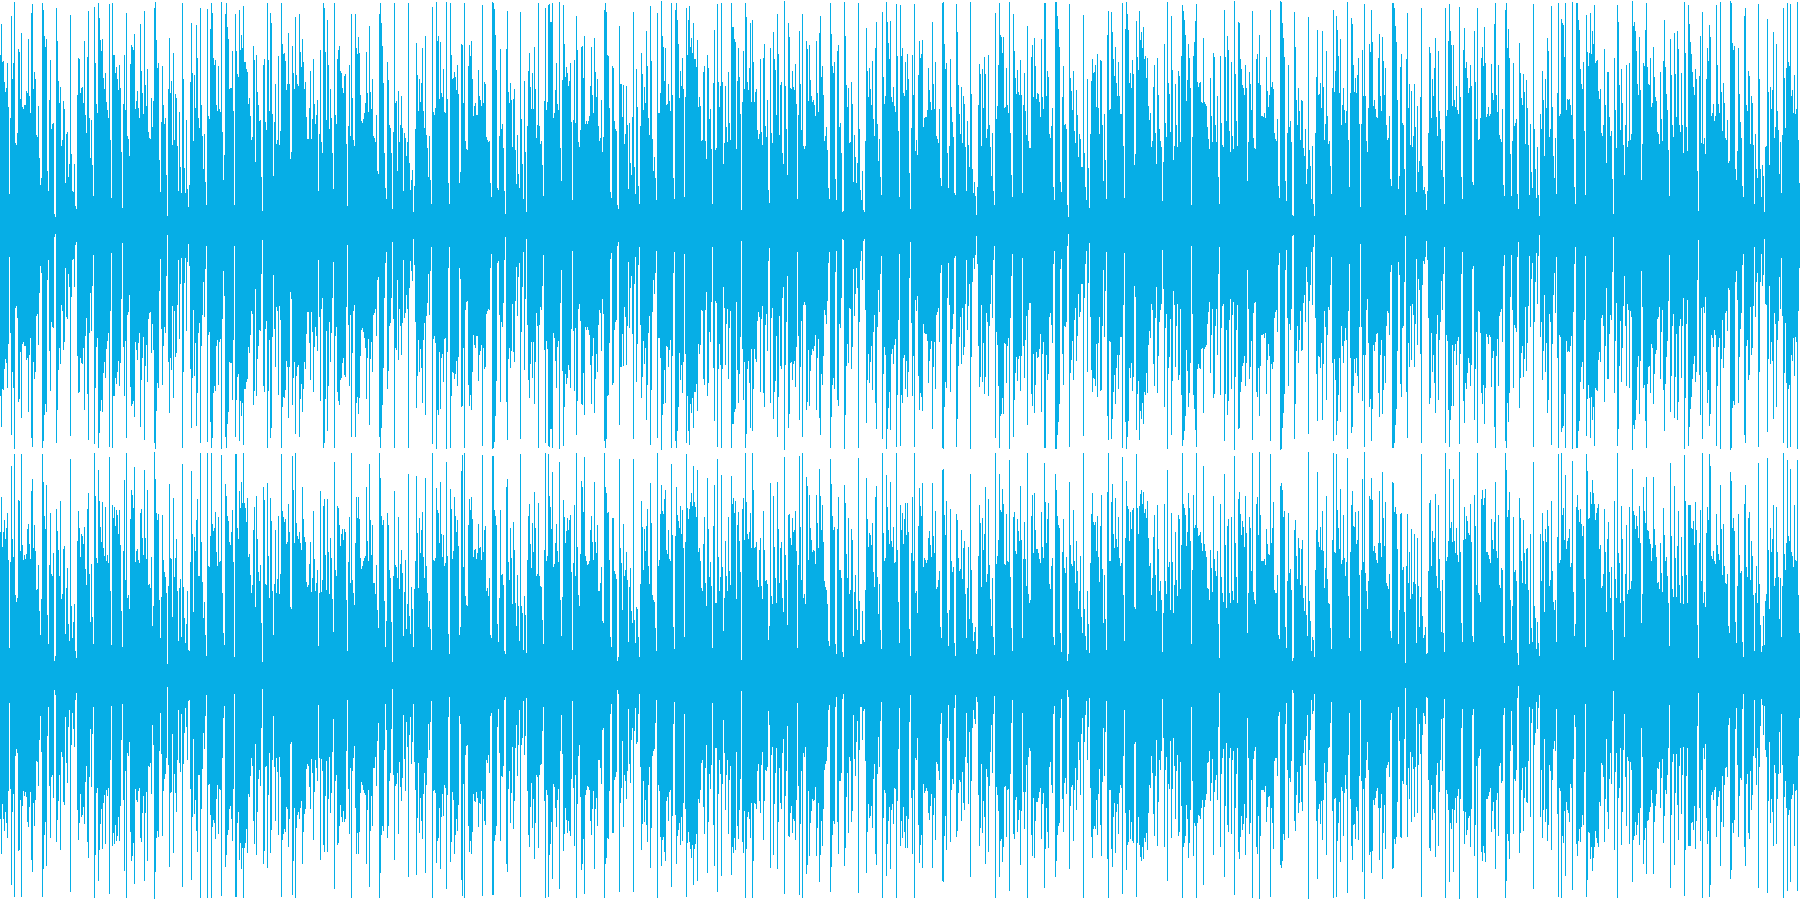 ファンク調のリズミカルカッティングループの再生済みの波形